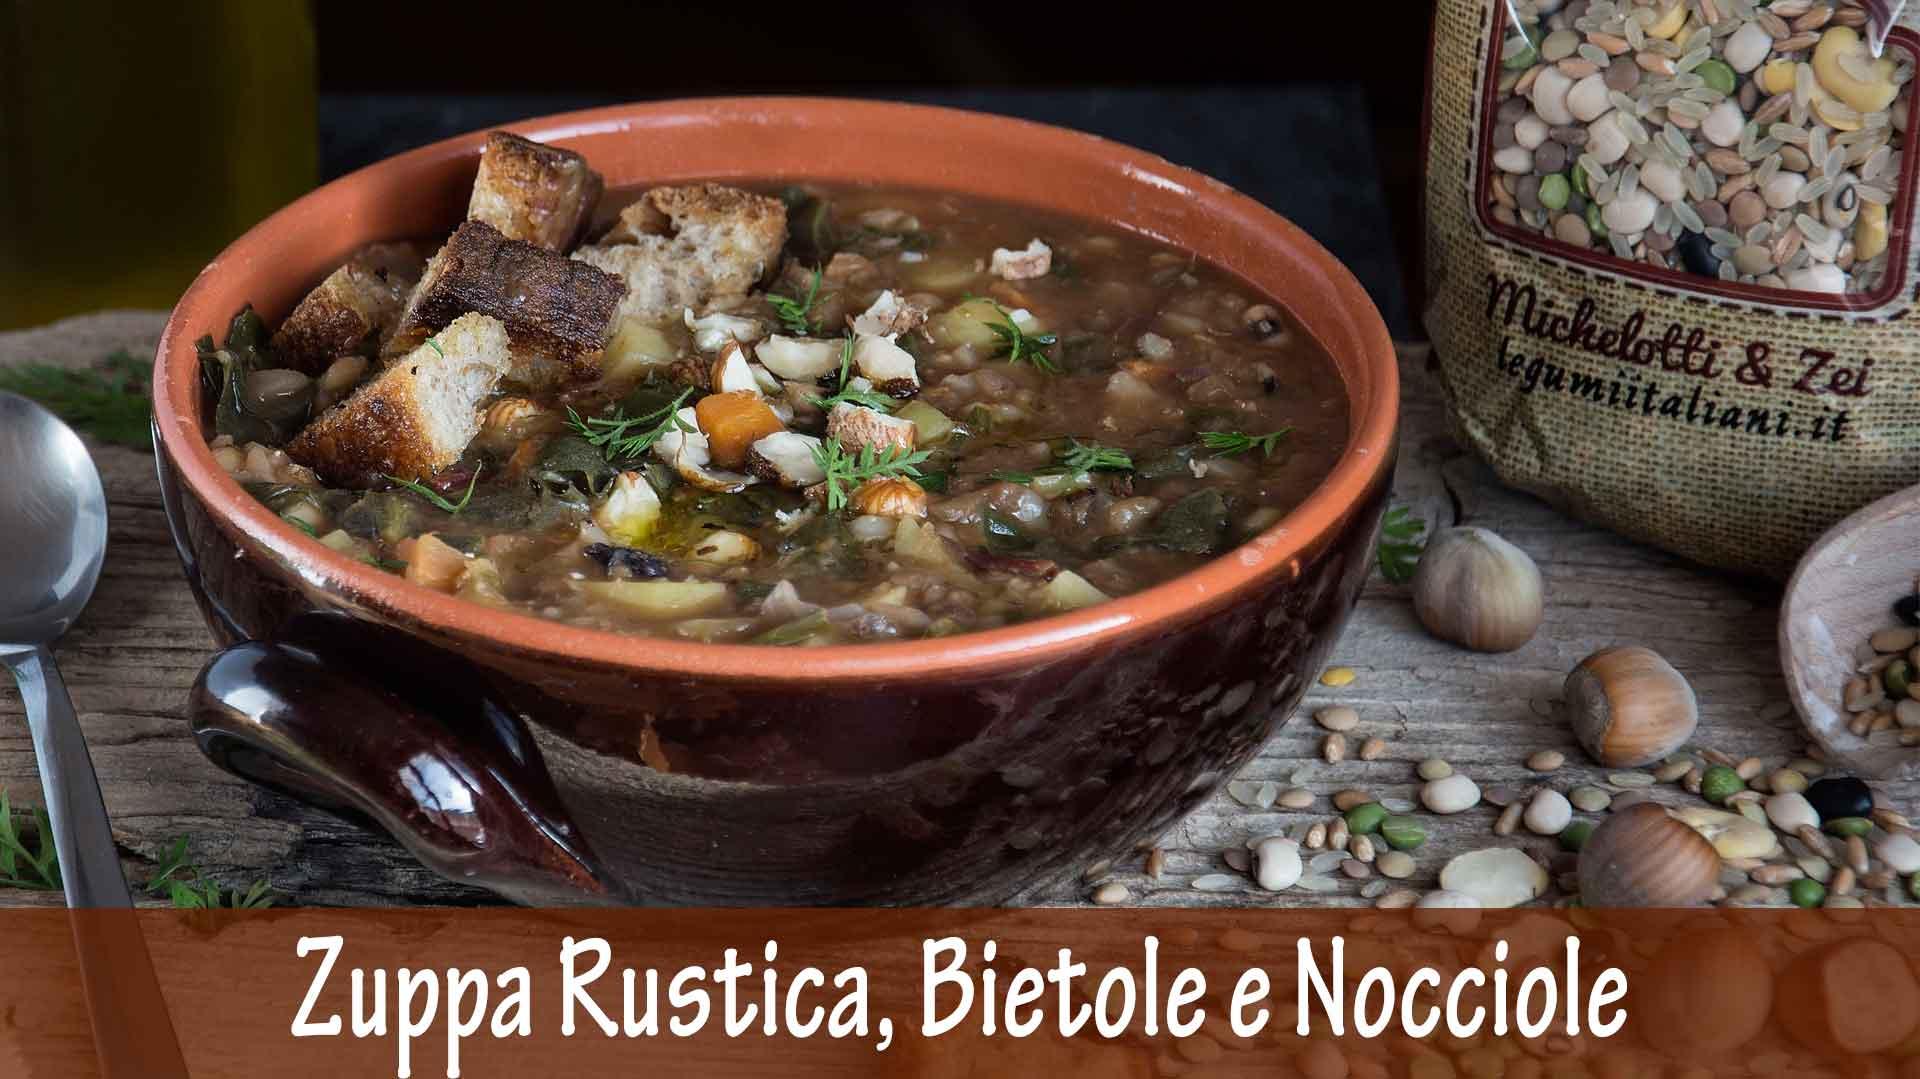 Zuppa Rustica con Bietole e Nocciole